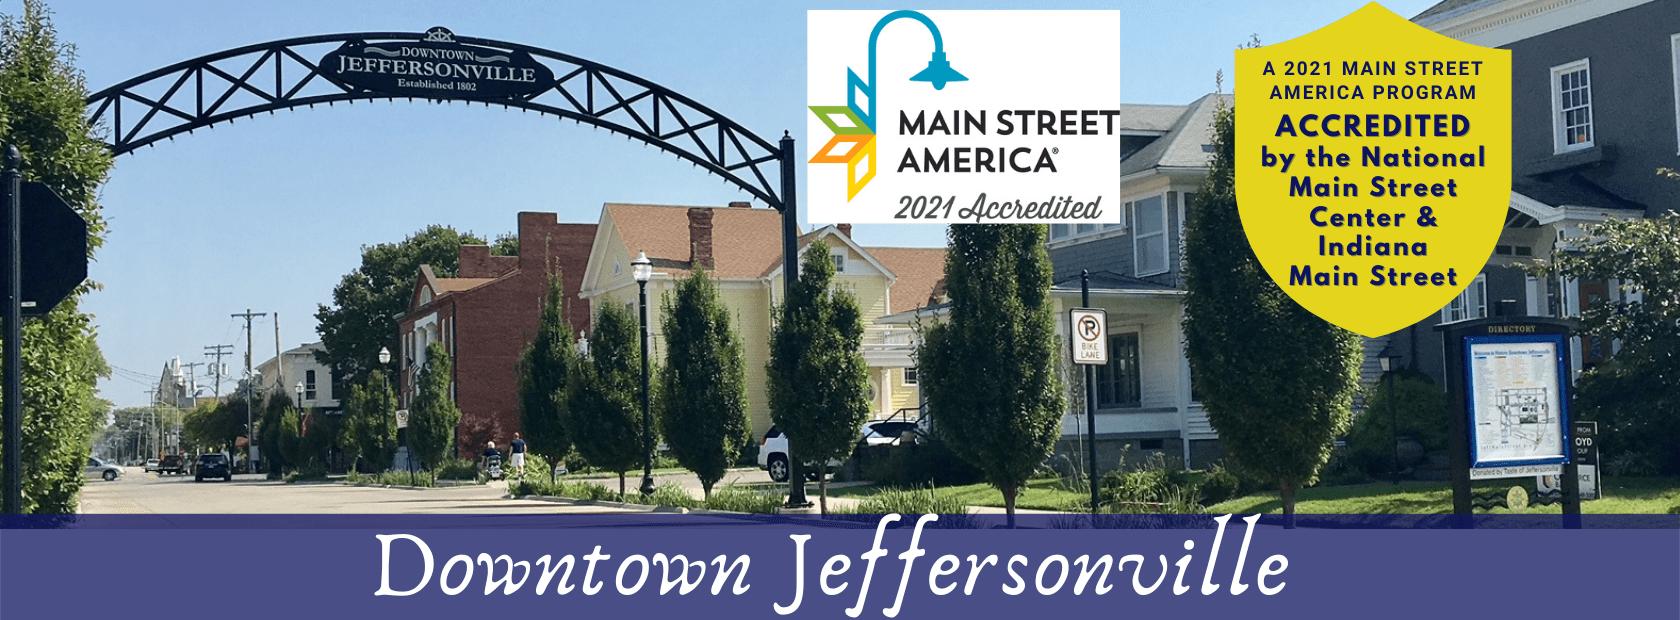 Jeffersonville Gateway Arch